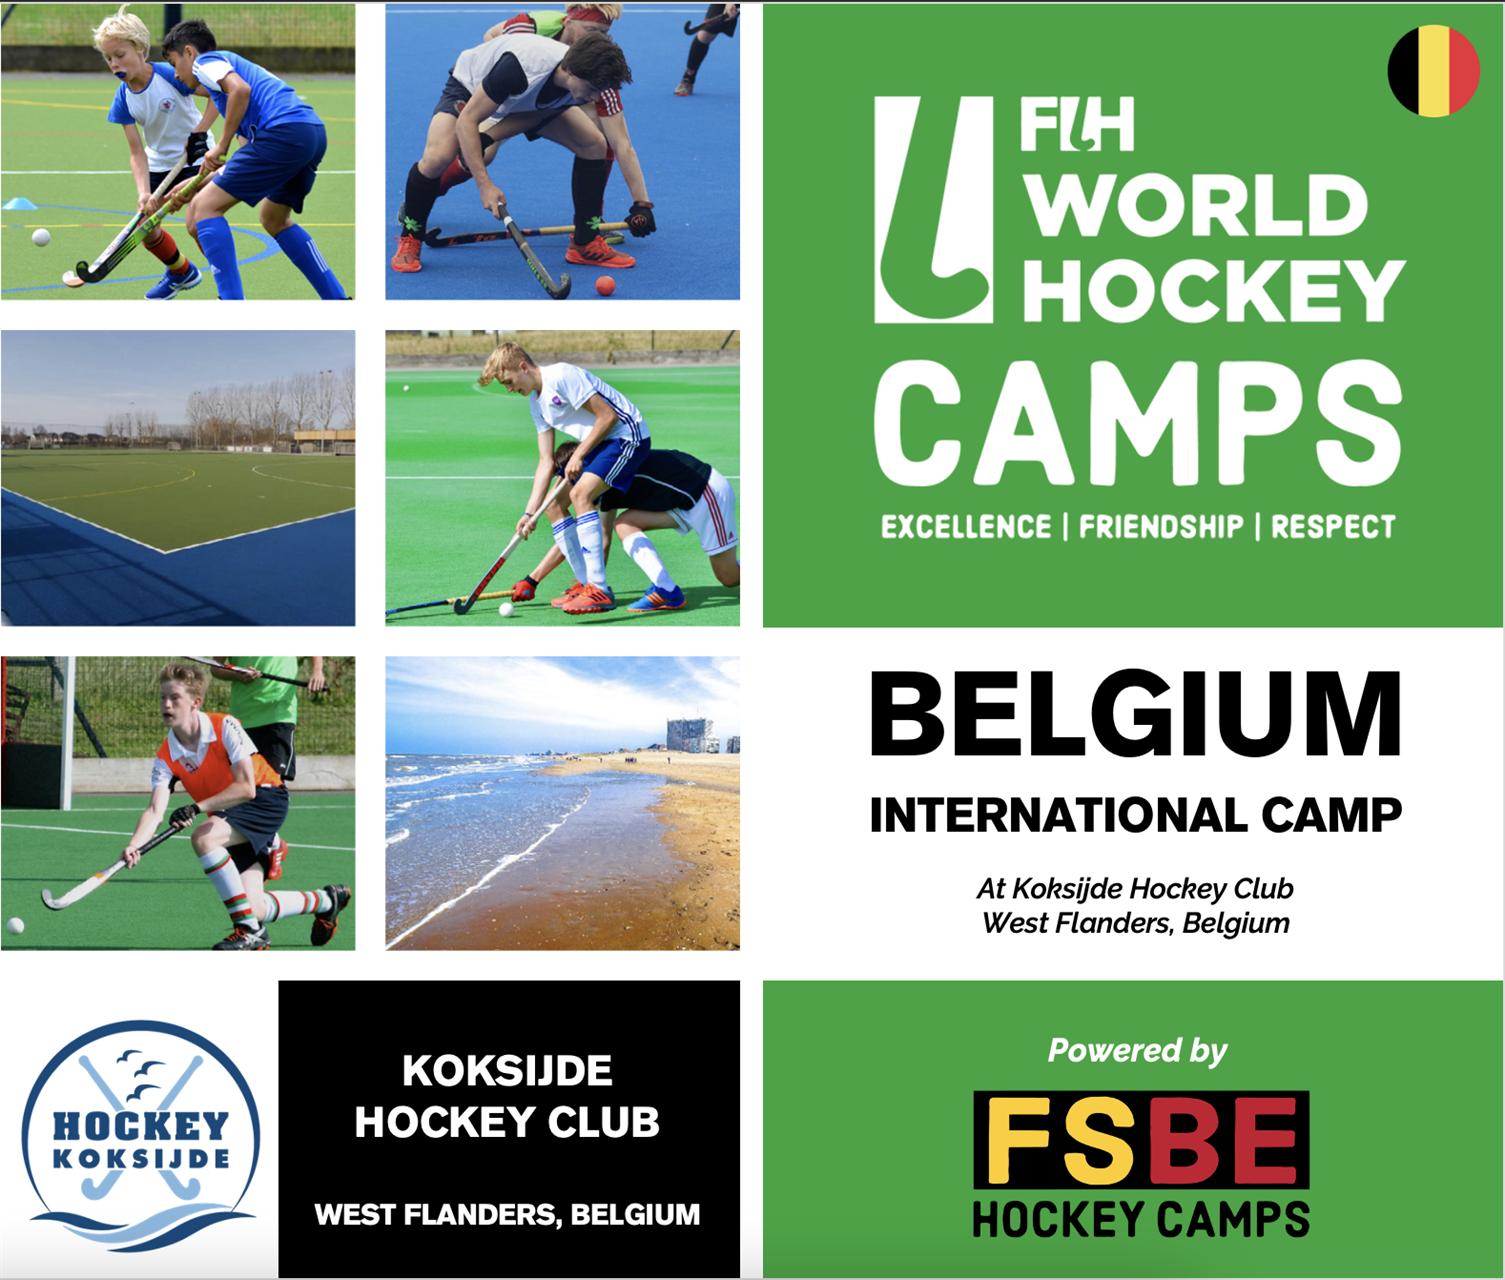 FIH World Hockey Camp Koksijde, BE